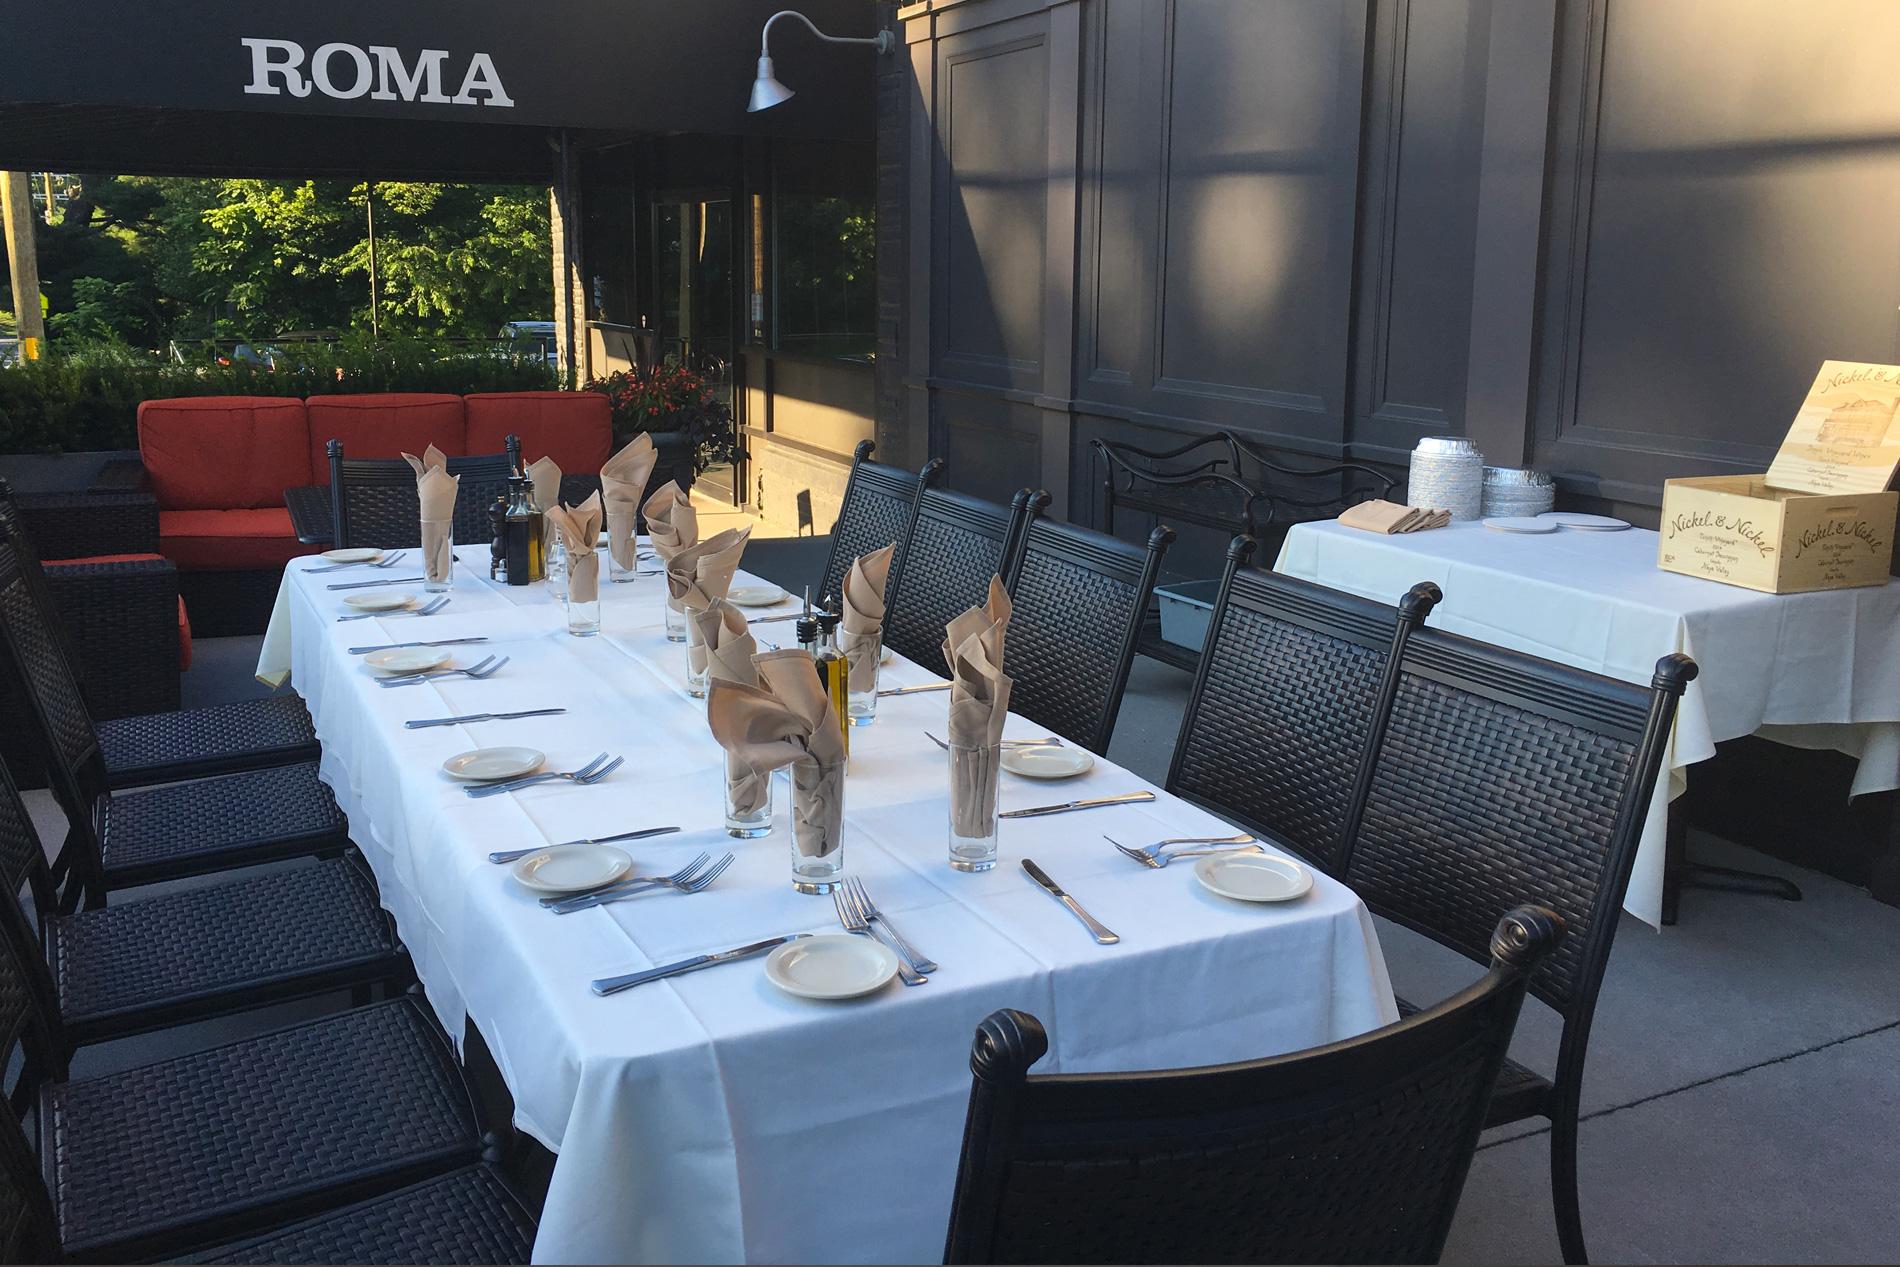 roma-patio-seating